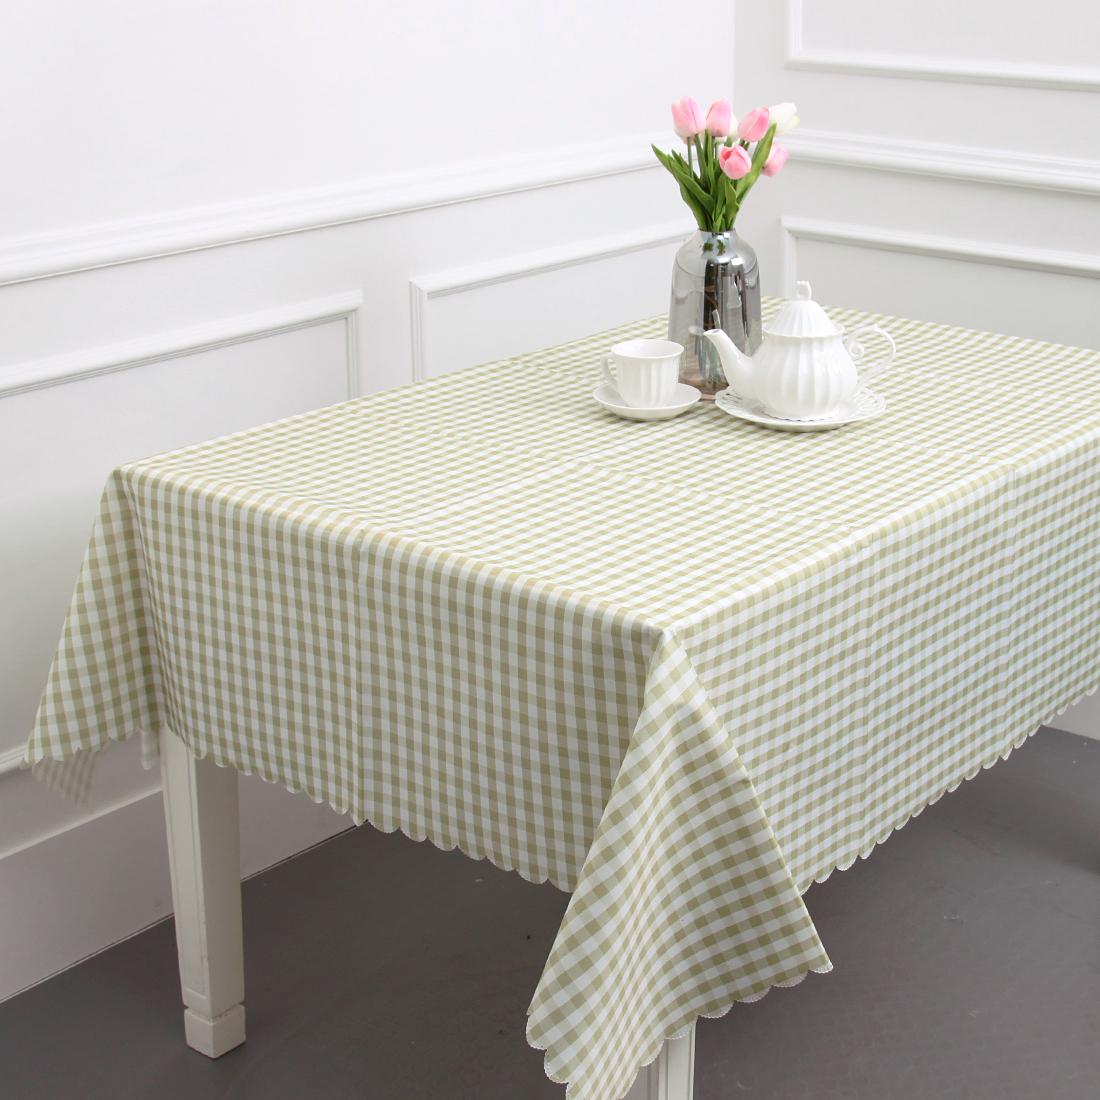 에스엠파티 4인용 방수 식탁보 + 더스트백, 연두 체크, 183 x 147 cm